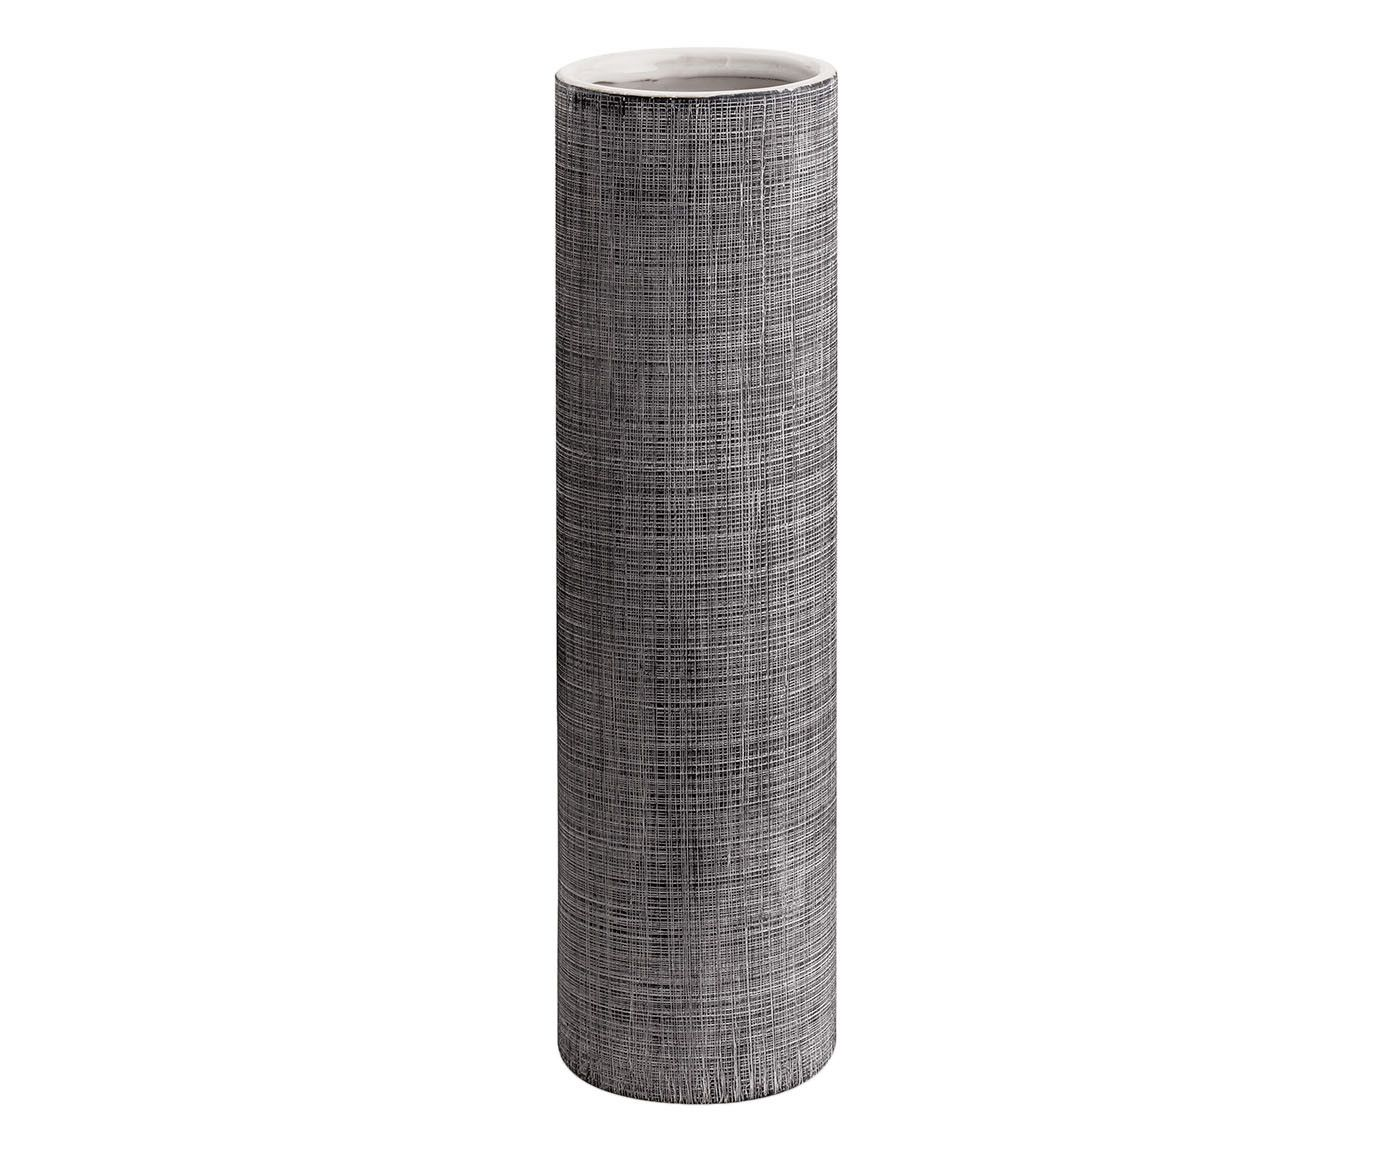 Vaso Cinty - 30cm | Westwing.com.br